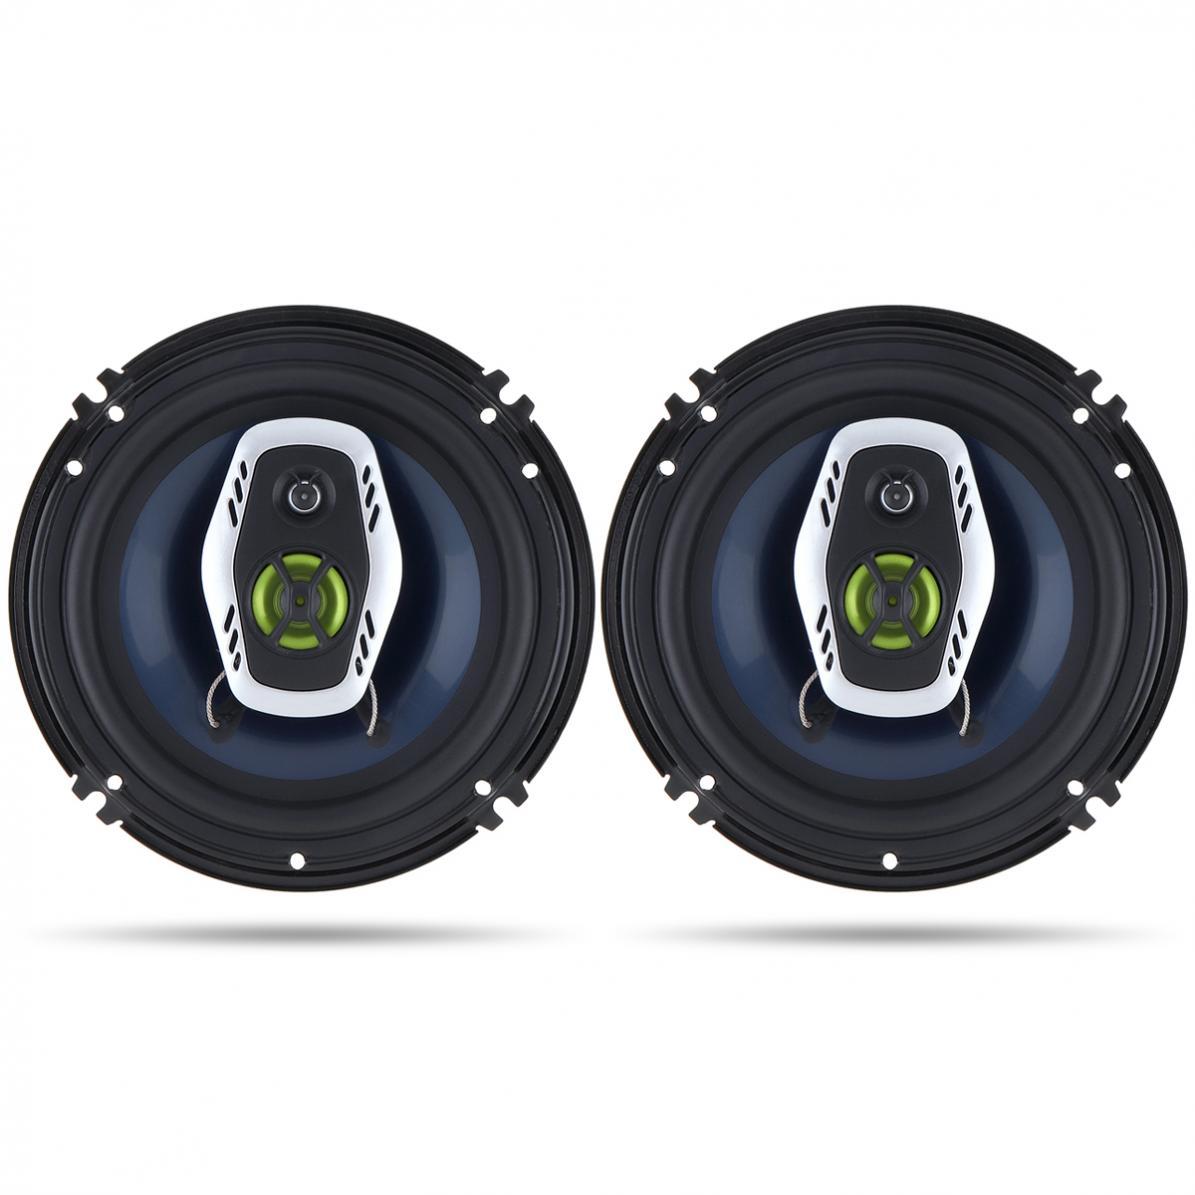 HI 16 Speaker Inch 5